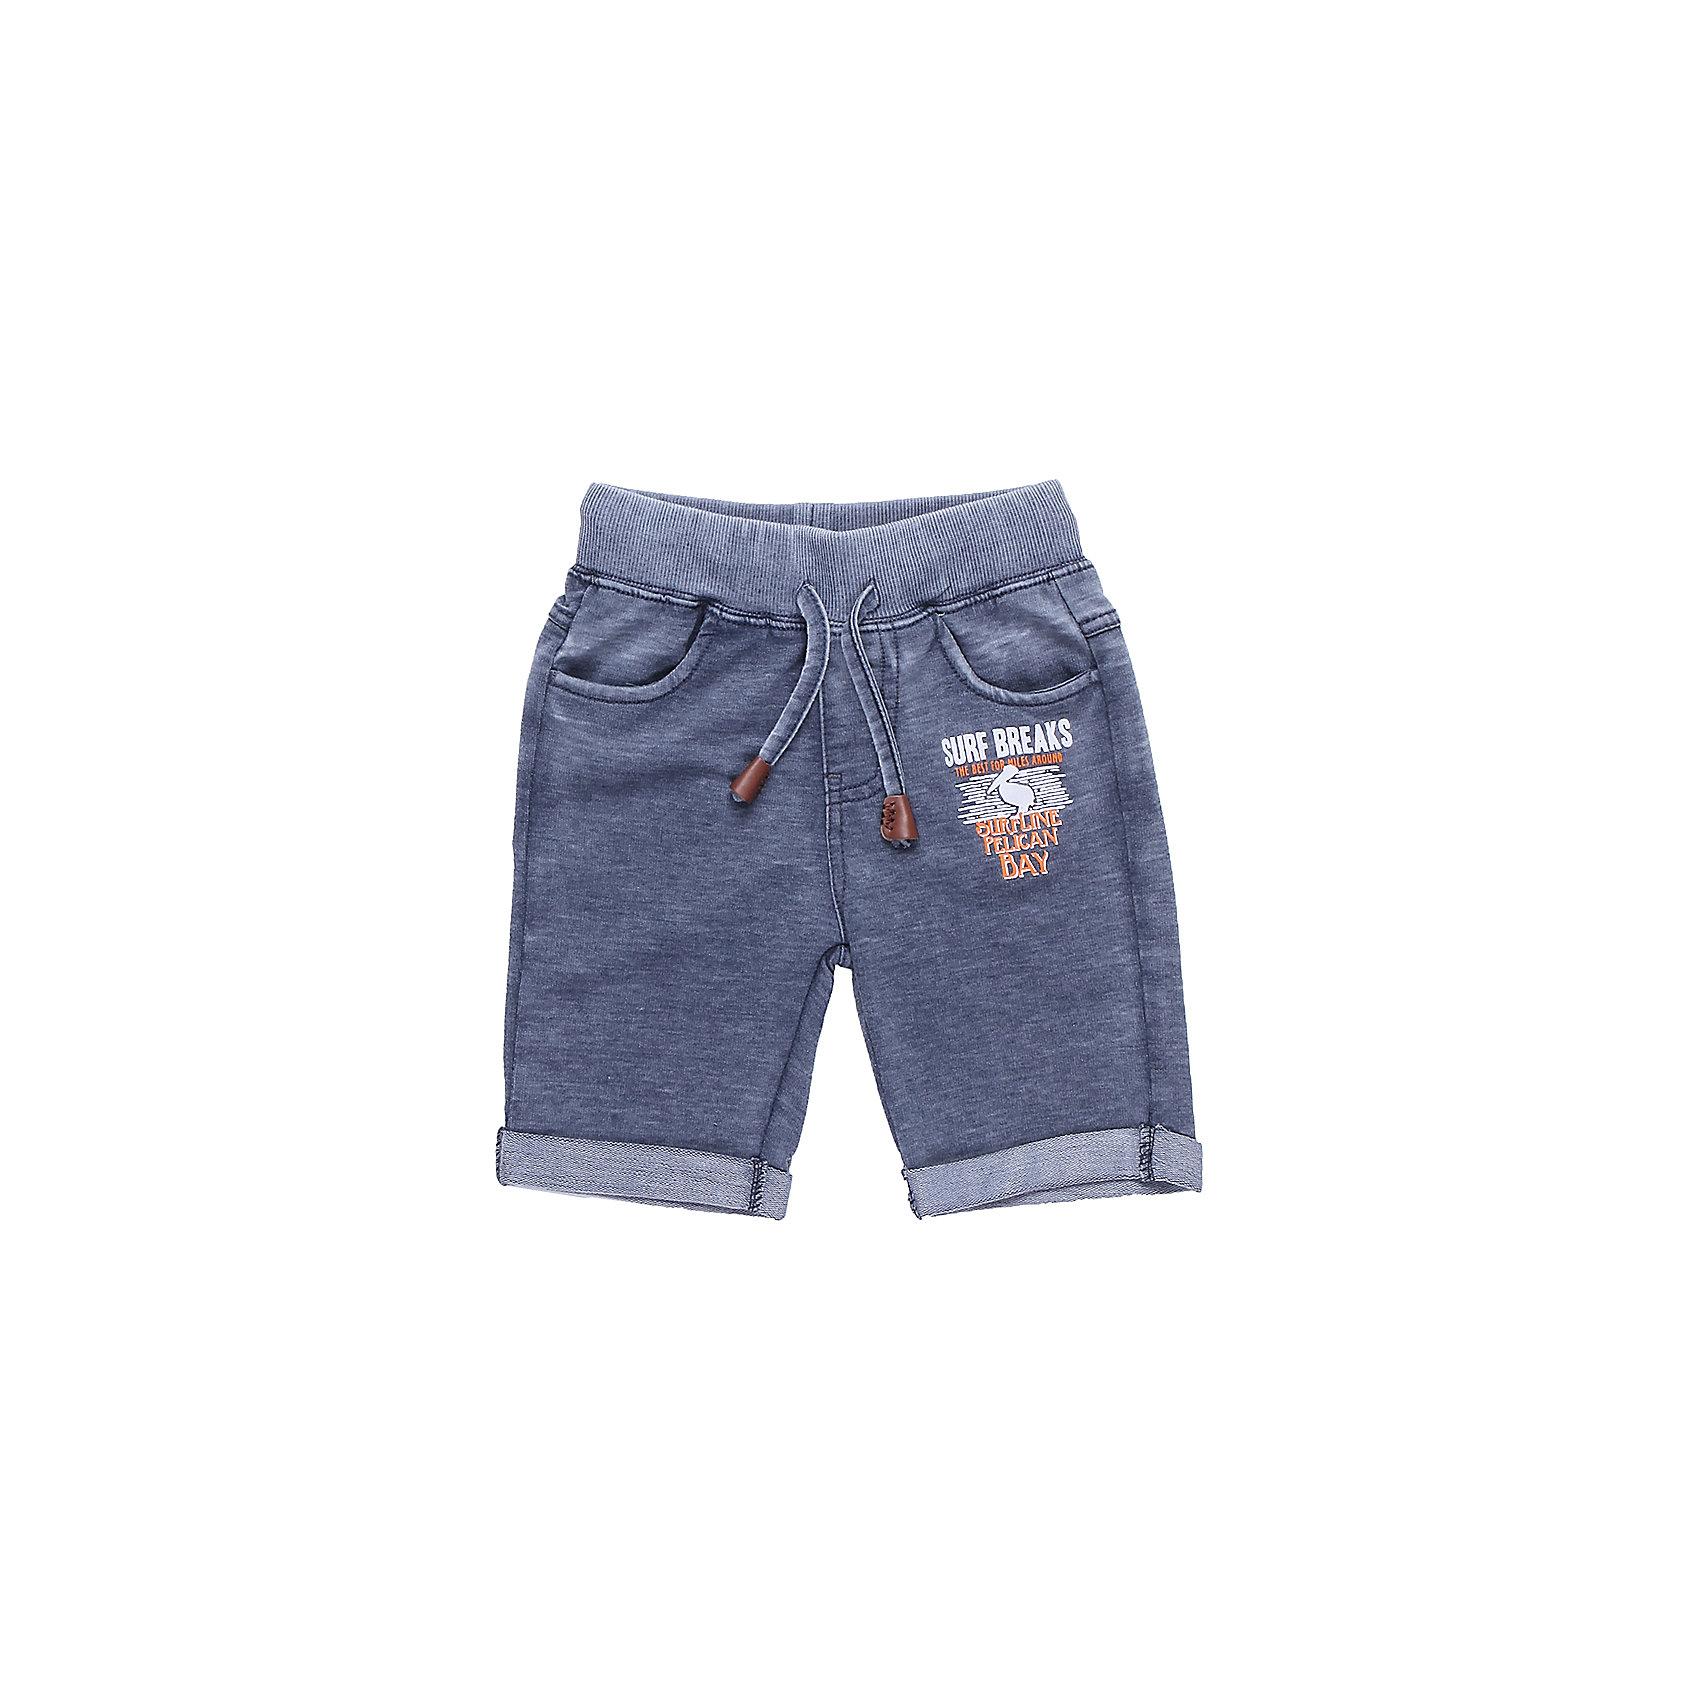 Шорты для мальчика Sweet BerryМягкие, трикотажные шорты с отворотом для мальчика. Спереди два прорезных кармана. Пояс-резинка дополнен шнуром для регулирования объема.<br>Состав:<br>95%хлопок 5%эластан<br><br>Ширина мм: 191<br>Глубина мм: 10<br>Высота мм: 175<br>Вес г: 273<br>Цвет: разноцветный<br>Возраст от месяцев: 48<br>Возраст до месяцев: 60<br>Пол: Мужской<br>Возраст: Детский<br>Размер: 110,98,116,122,128,104<br>SKU: 5410368